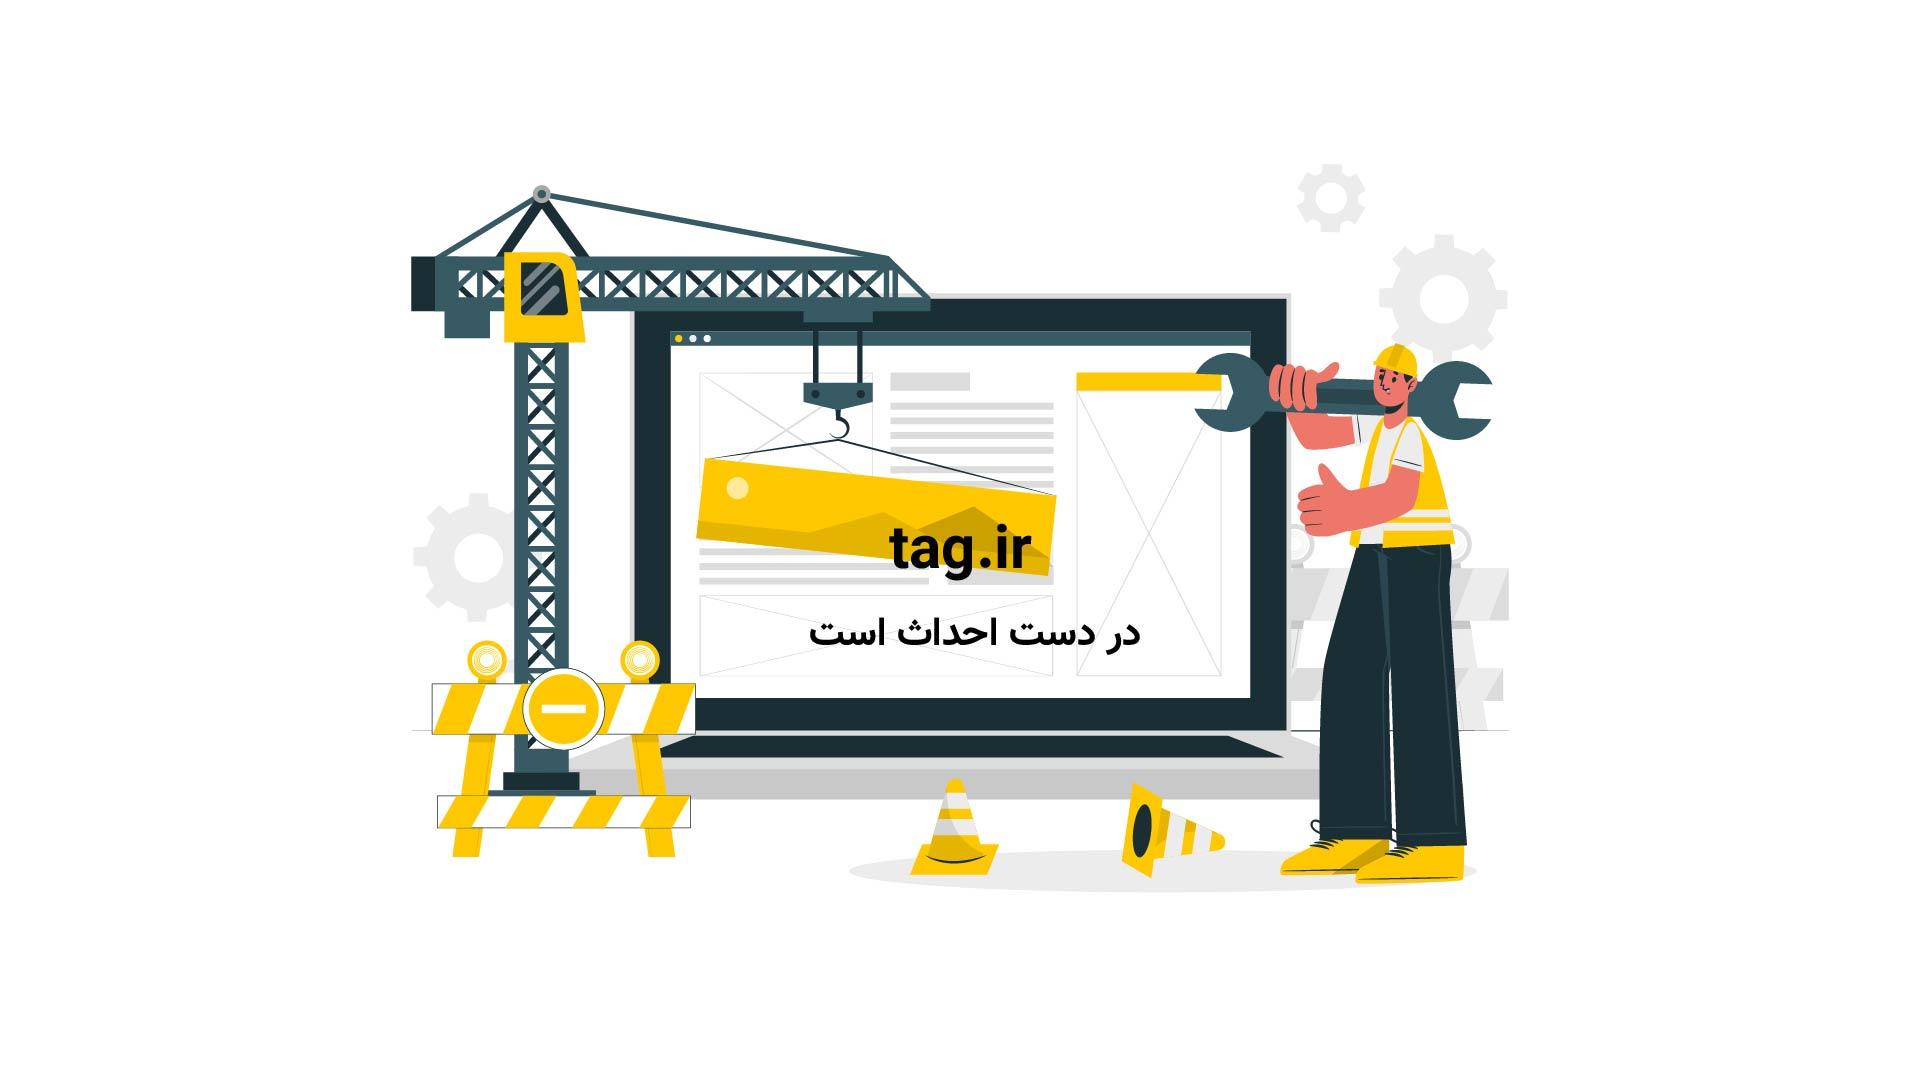 حمام تاریخی نوغه | تگ